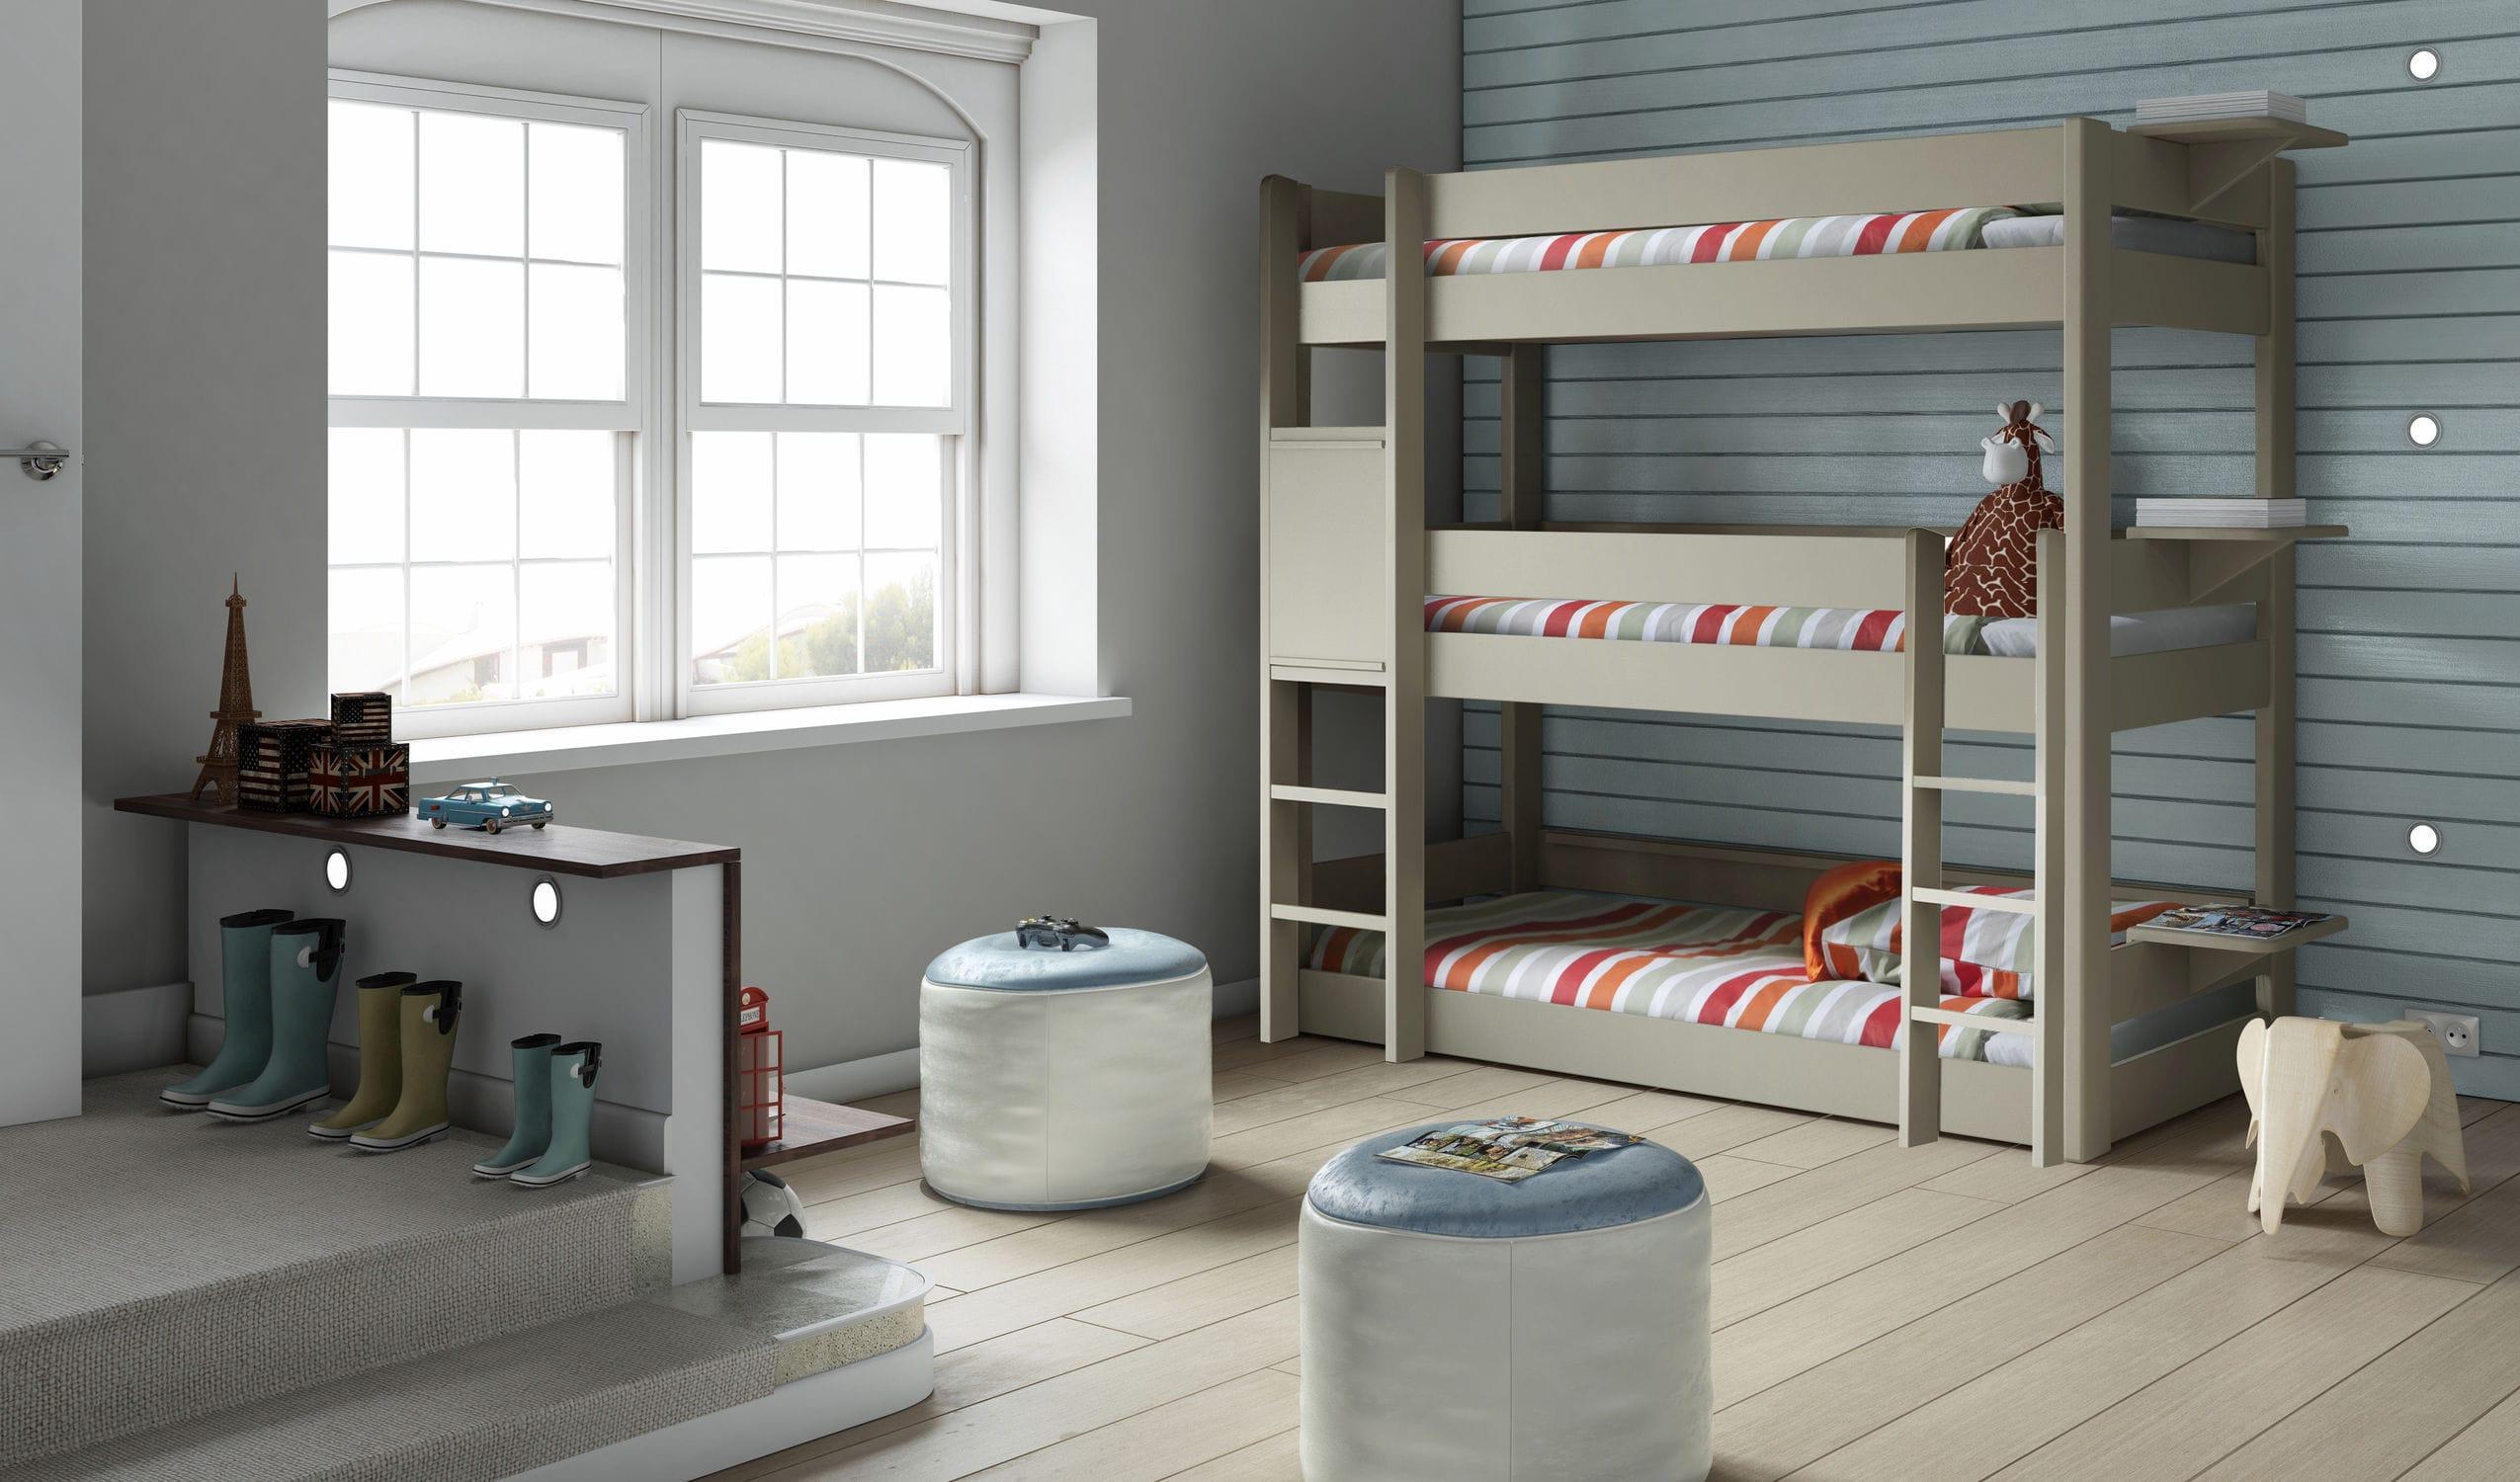 Dreier Etagenbett : Bett dreier etagen einfach modern für kinder dominique